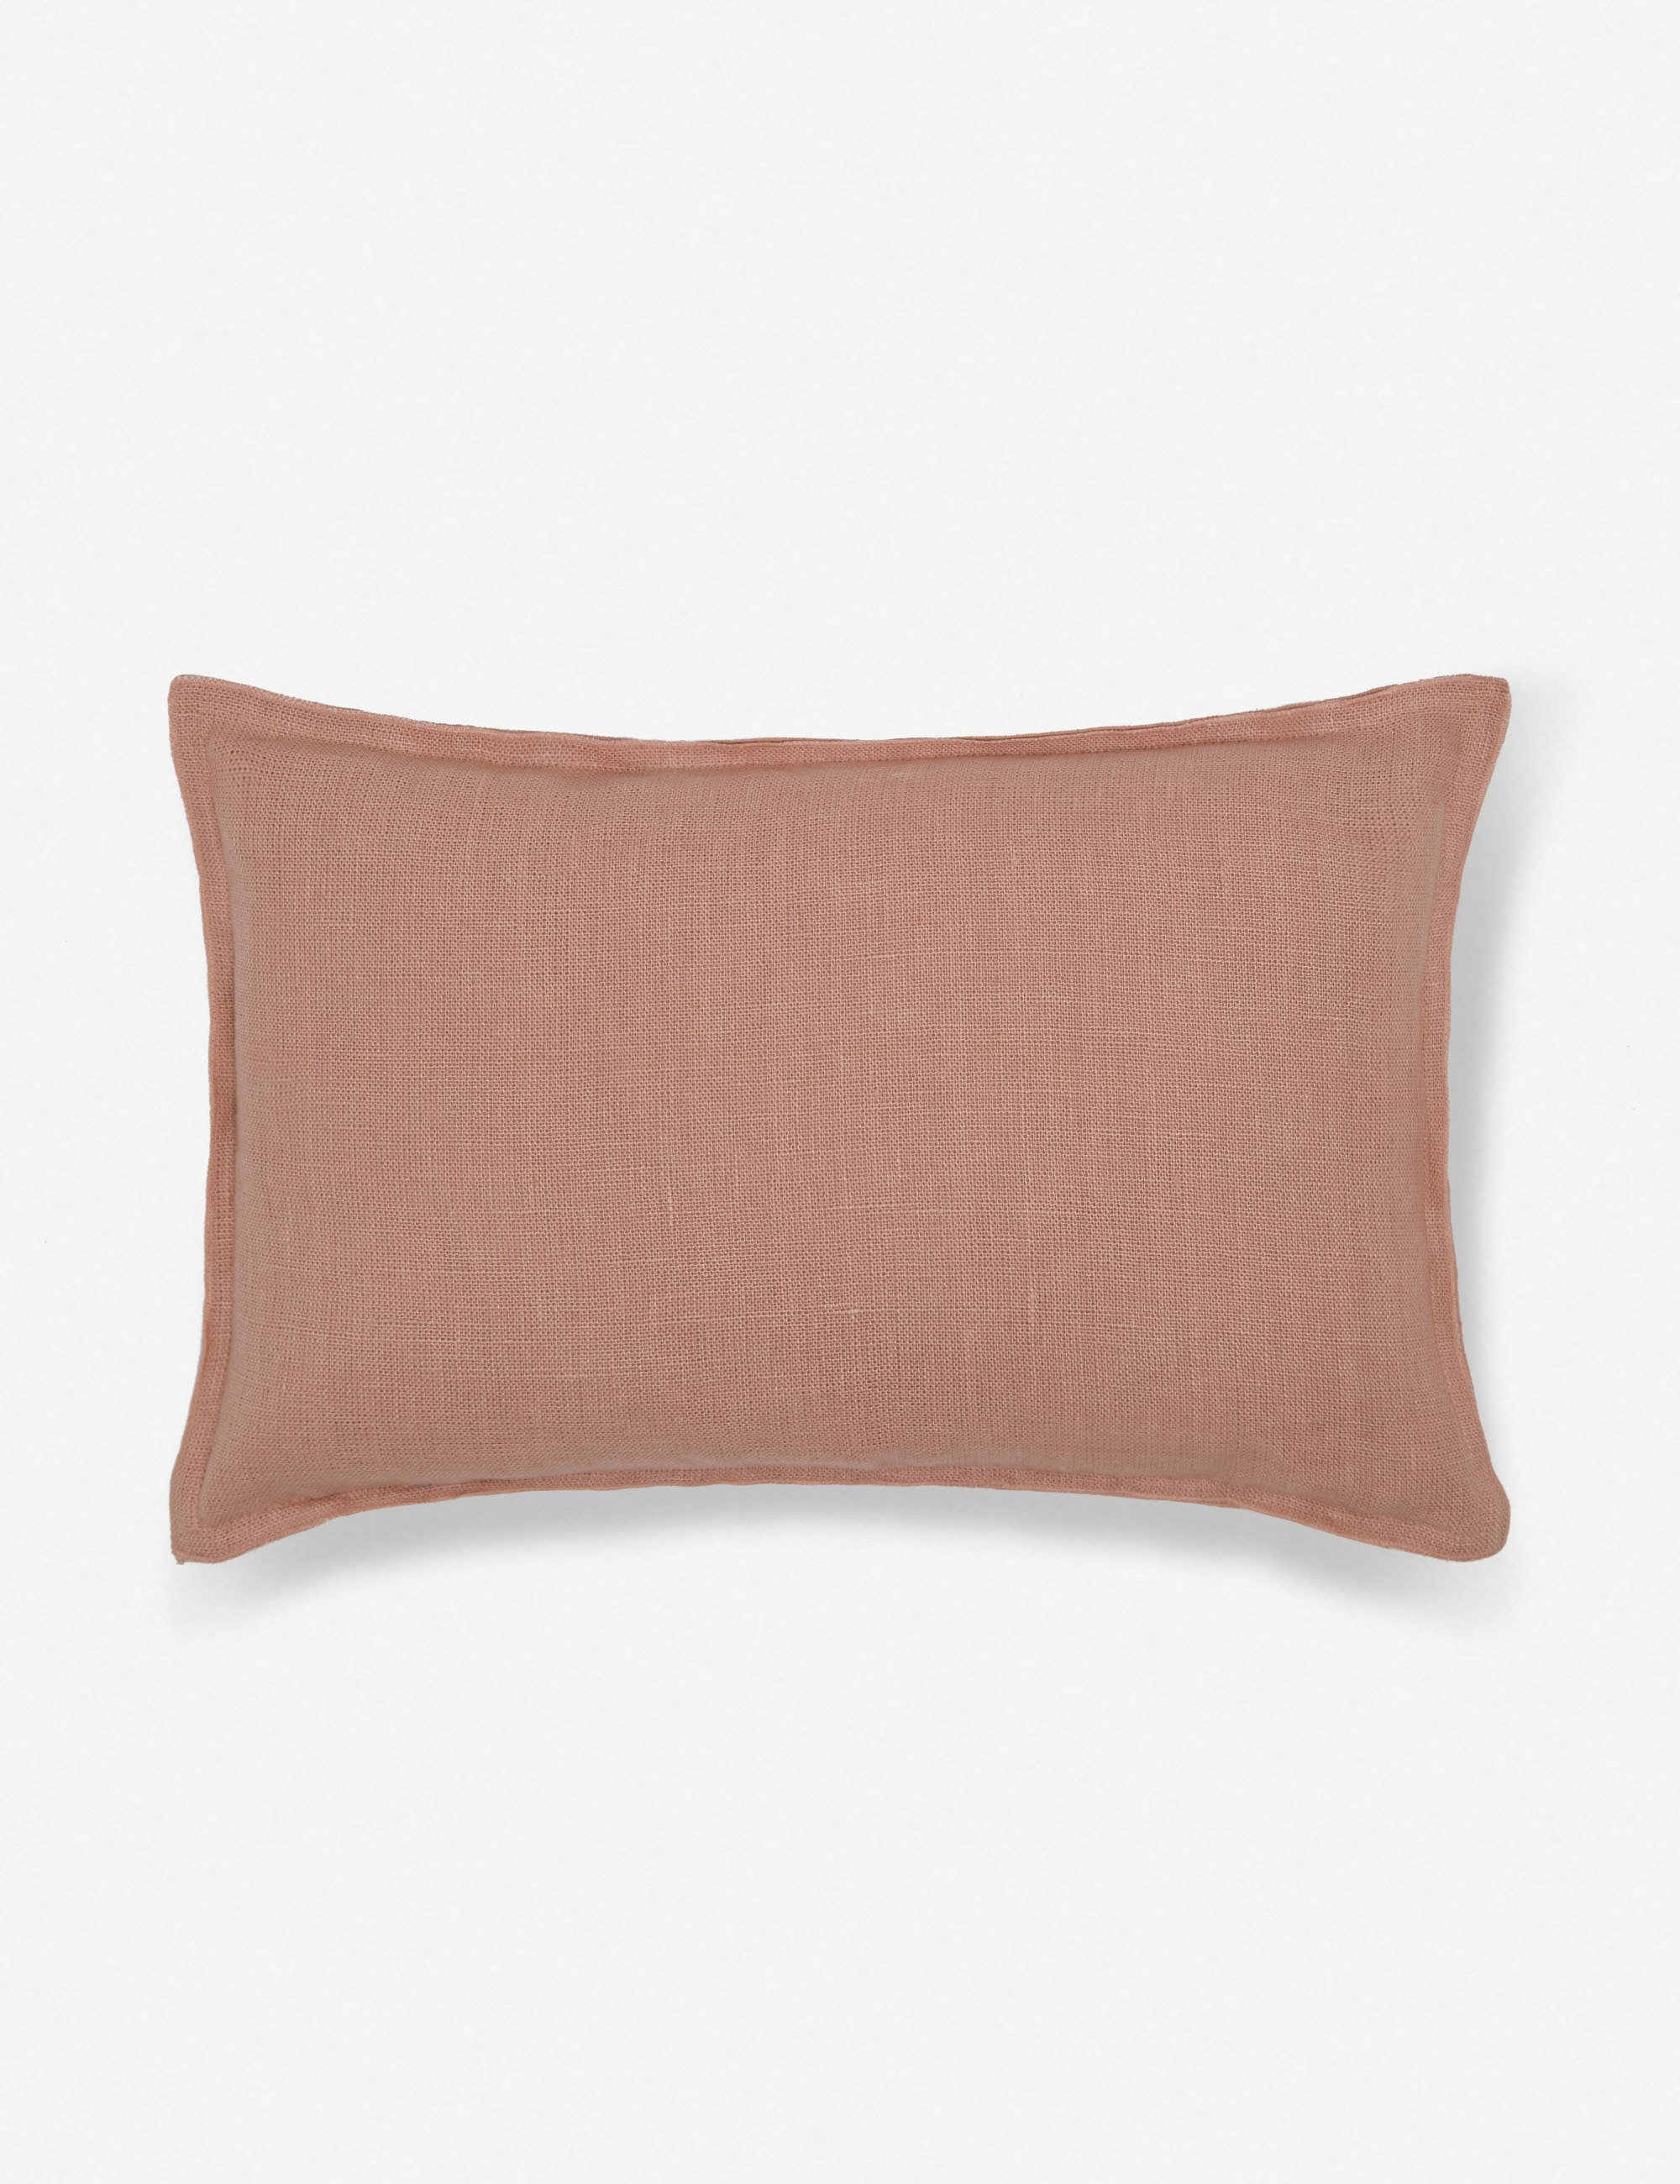 Arlo Linen Lumbar Pillow, Terracotta